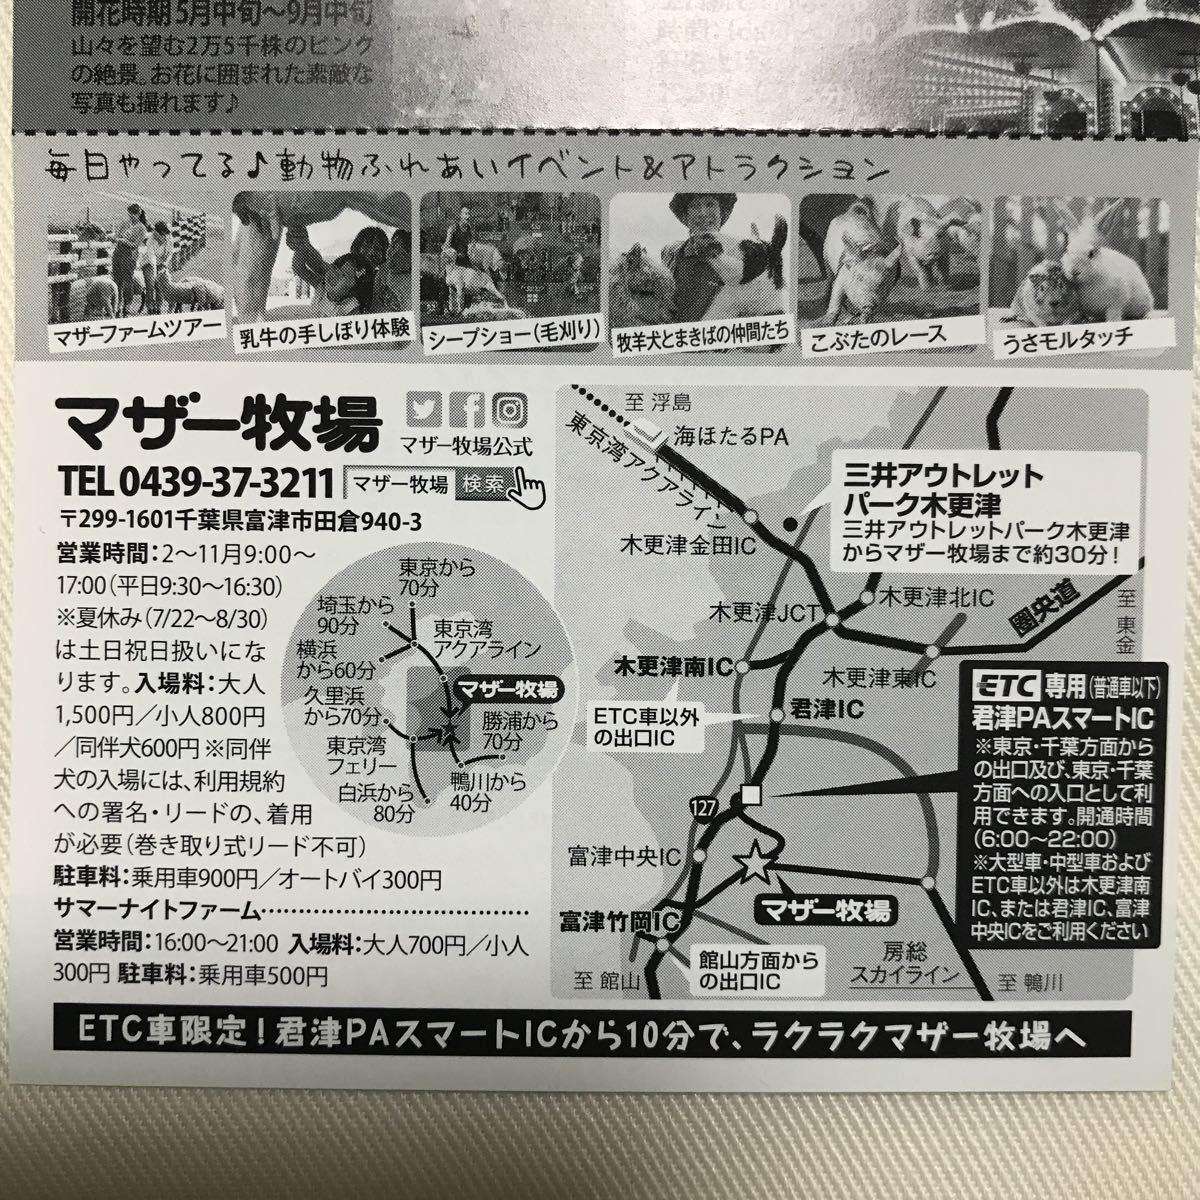 マザー牧場 入場ご招待券4枚セット 有効期限:2019年9月30日(月)_画像3